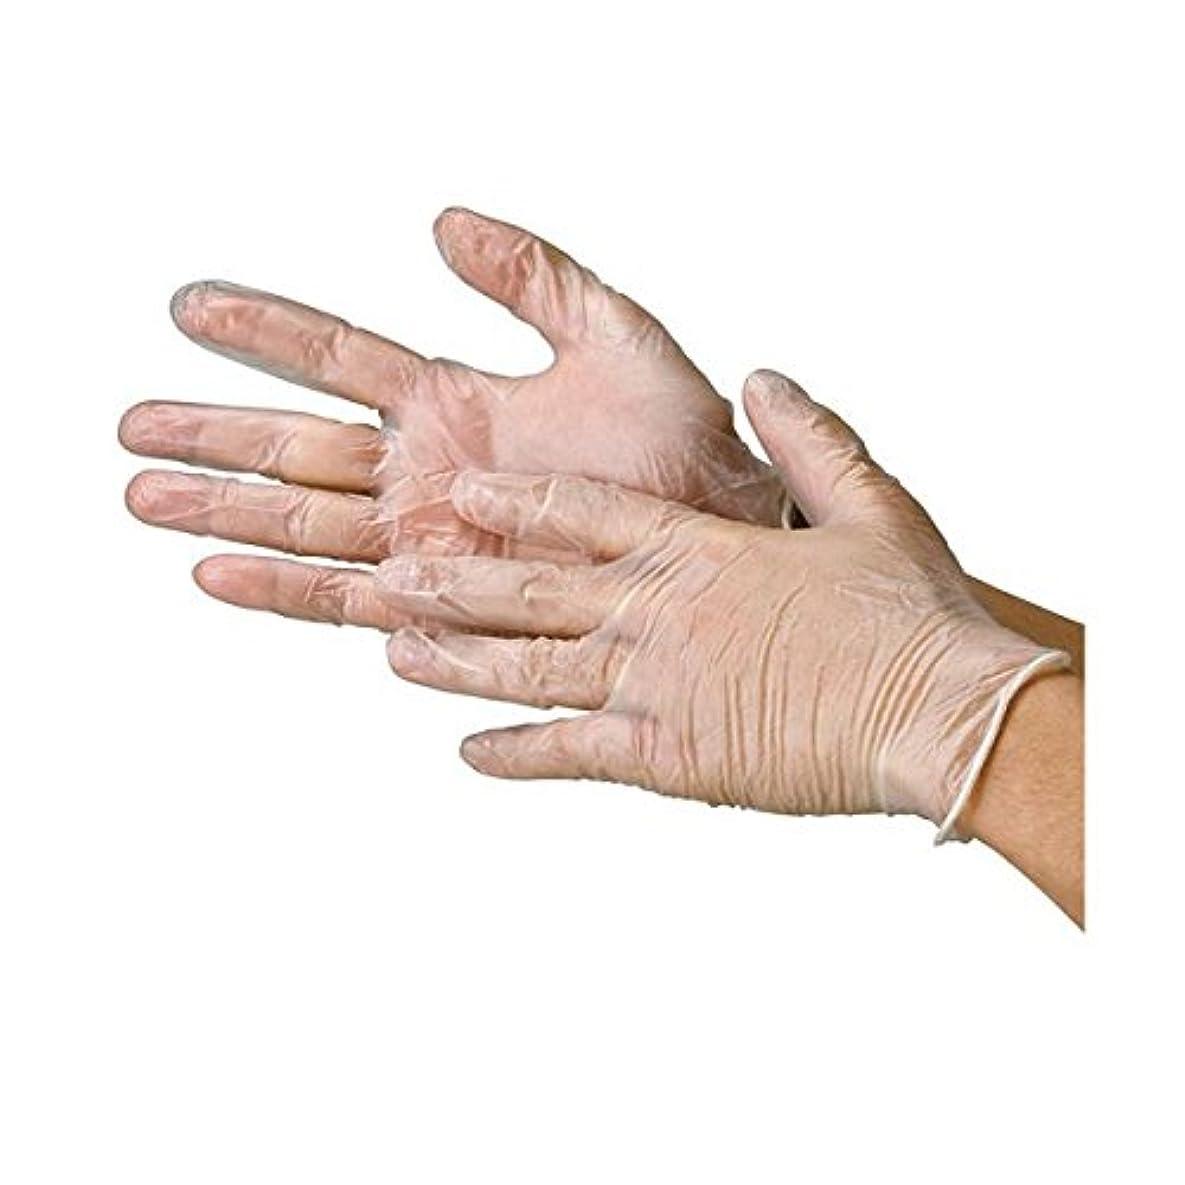 時々グリーンバック賞賛川西工業 ビニール極薄手袋 粉なし S 20箱 ダイエット 健康 衛生用品 その他の衛生用品 14067381 [並行輸入品]